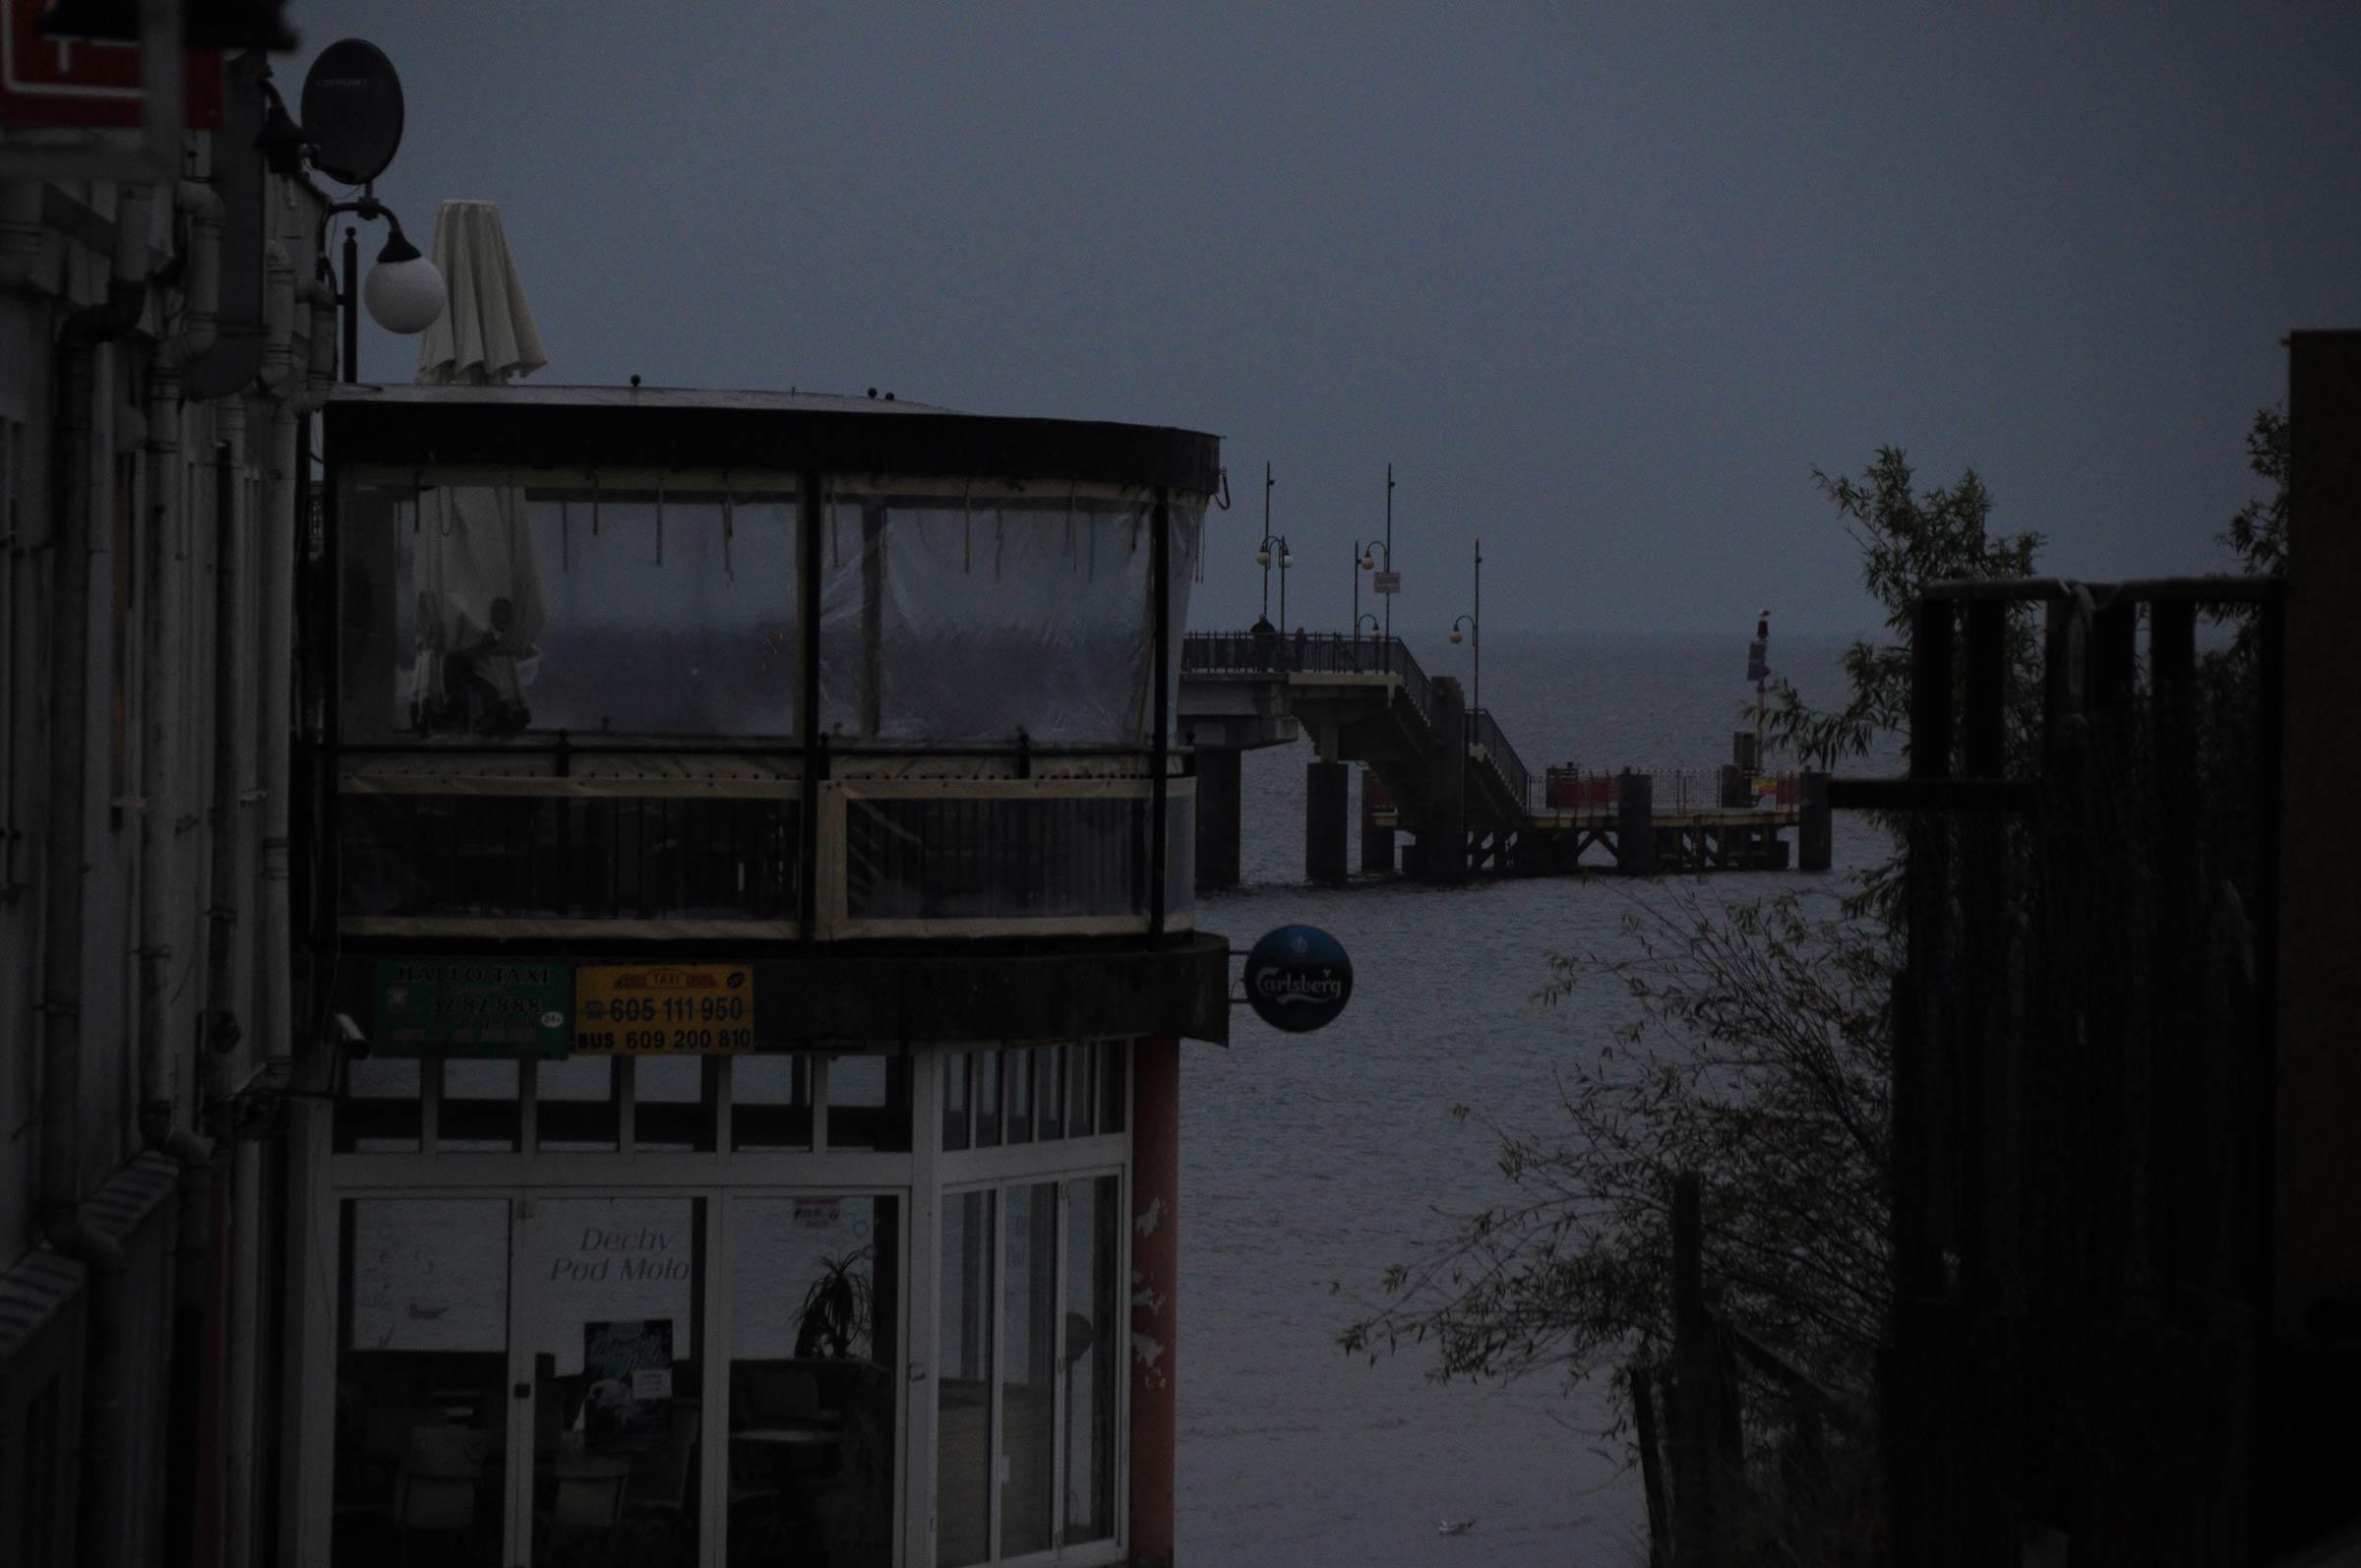 Am Strand von Misdroy in Polen